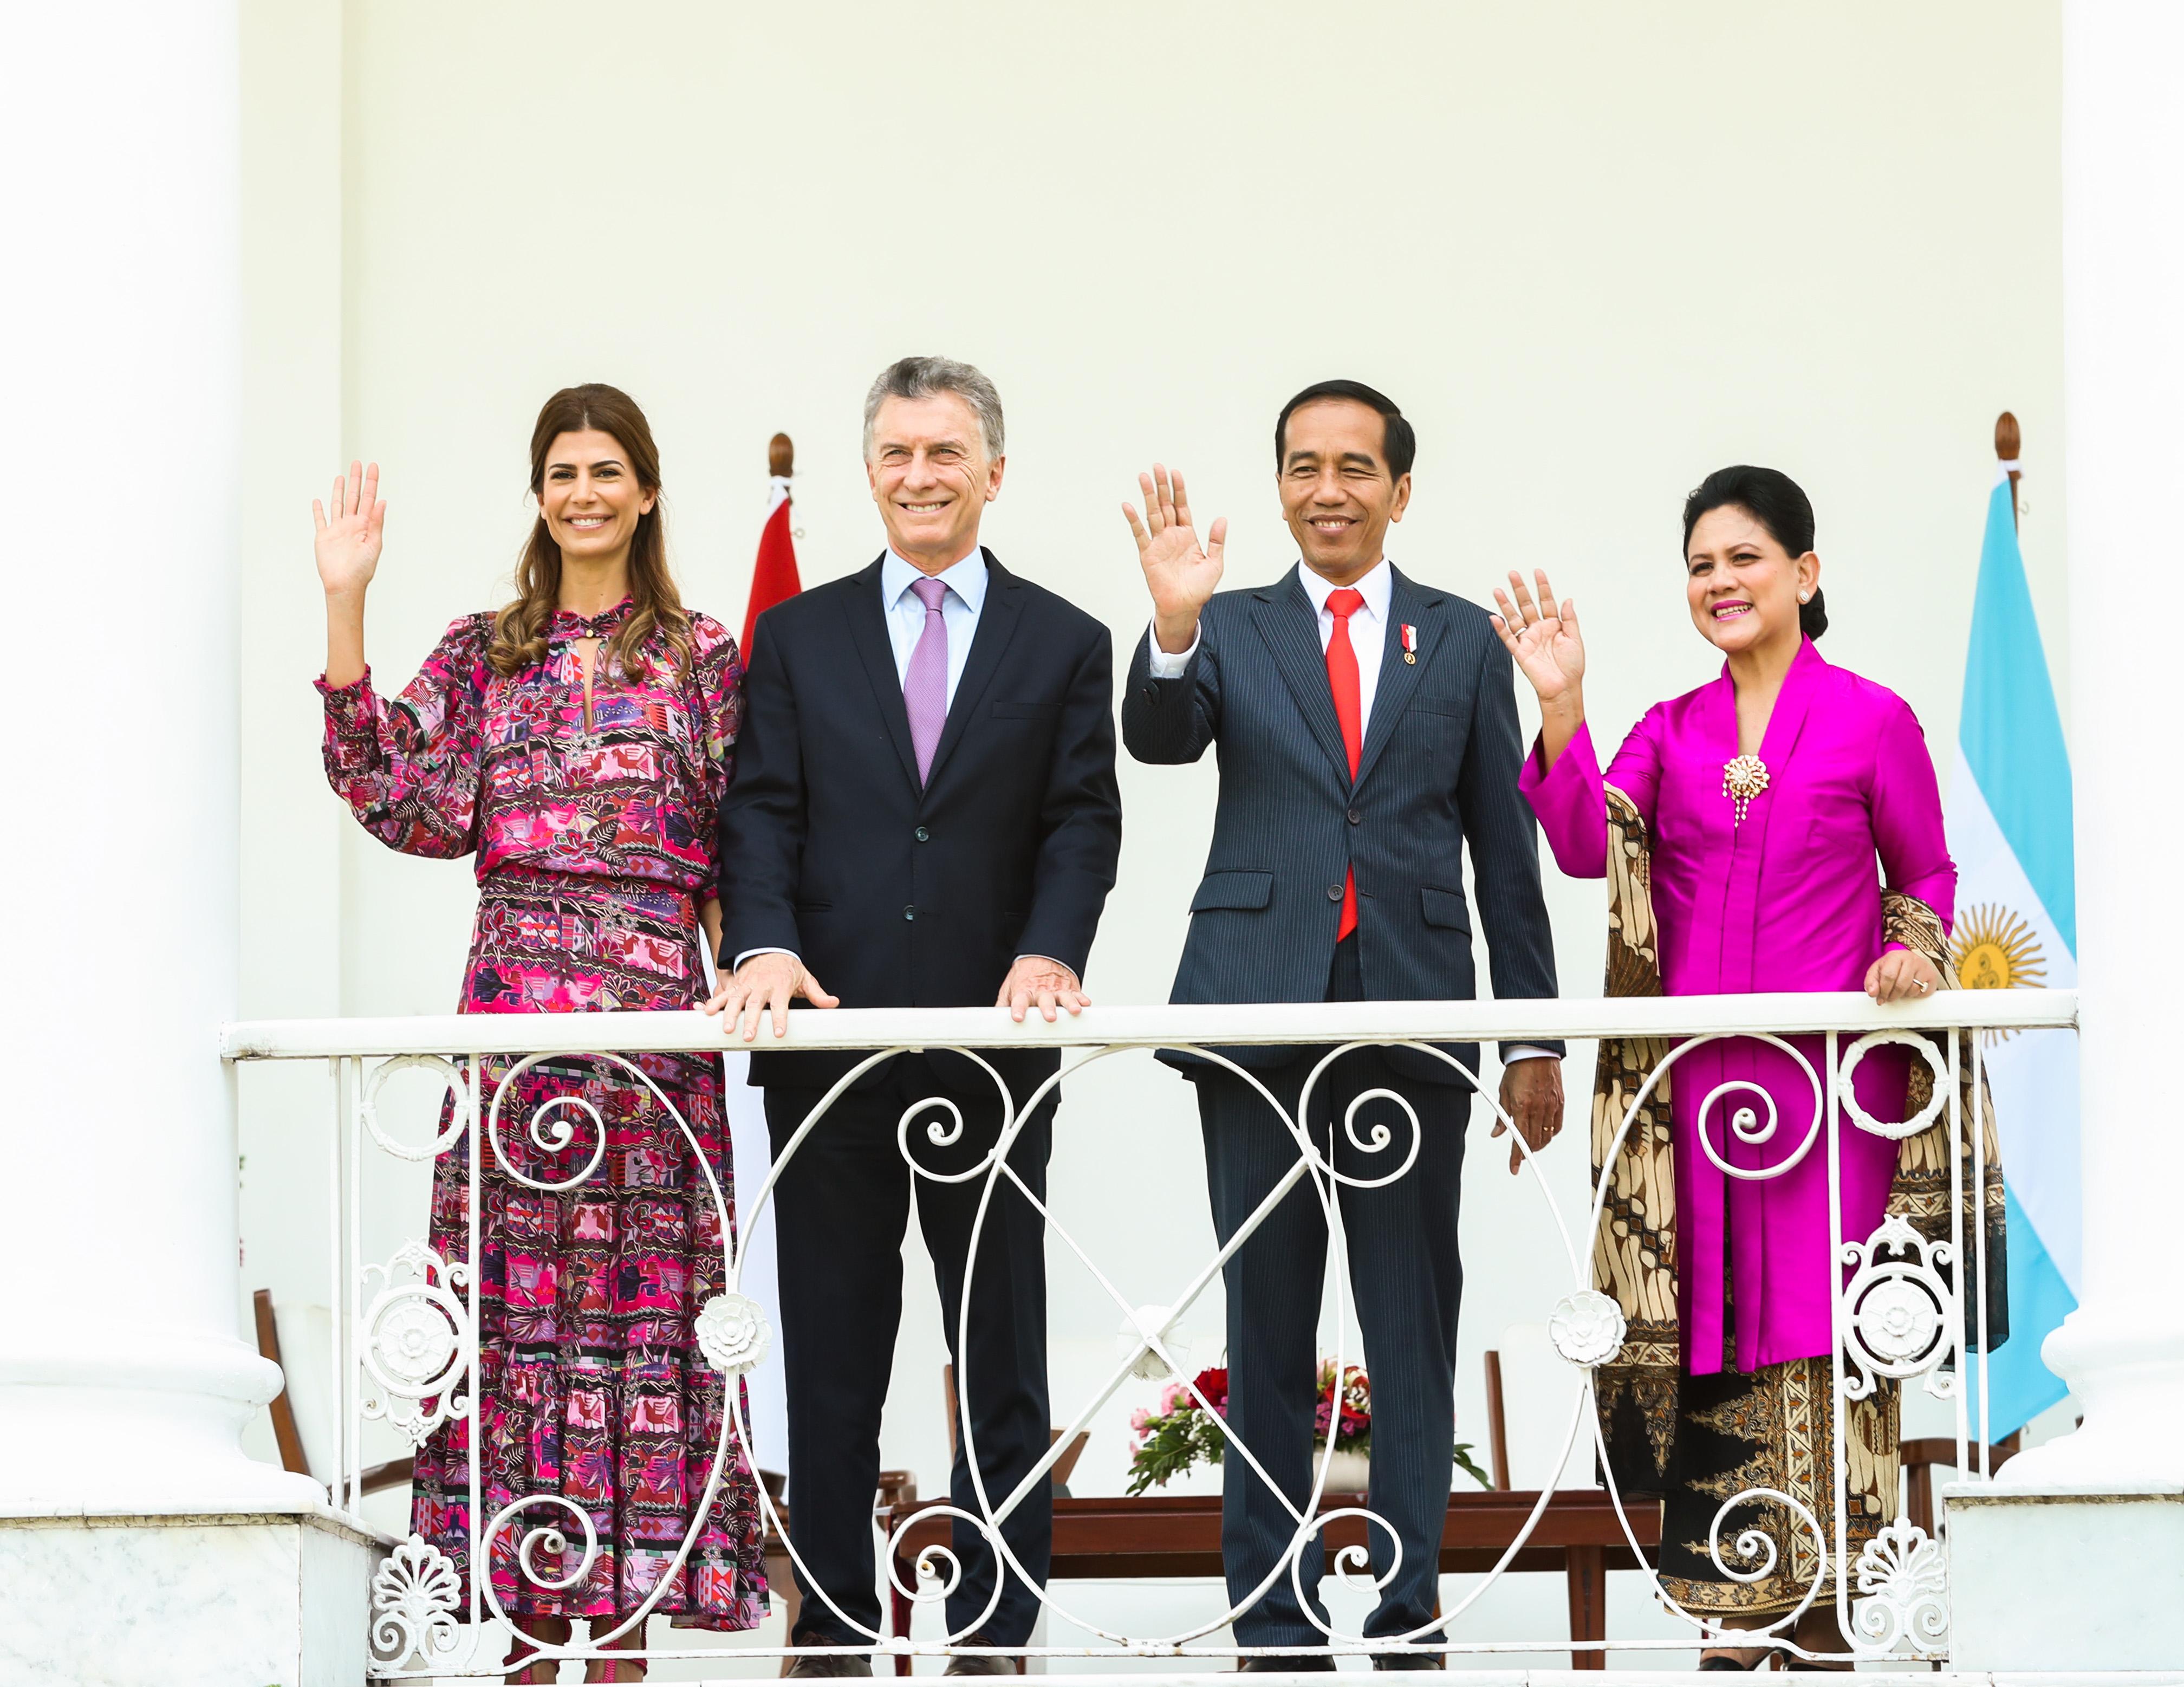 Previo al viaje a Japón, la pareja presidencial hizo escala en Indonesia: allí fueron recibidos por el matrimonio presidencial Joko Widodo y la Primera Dama, Iriana Joko Widodo